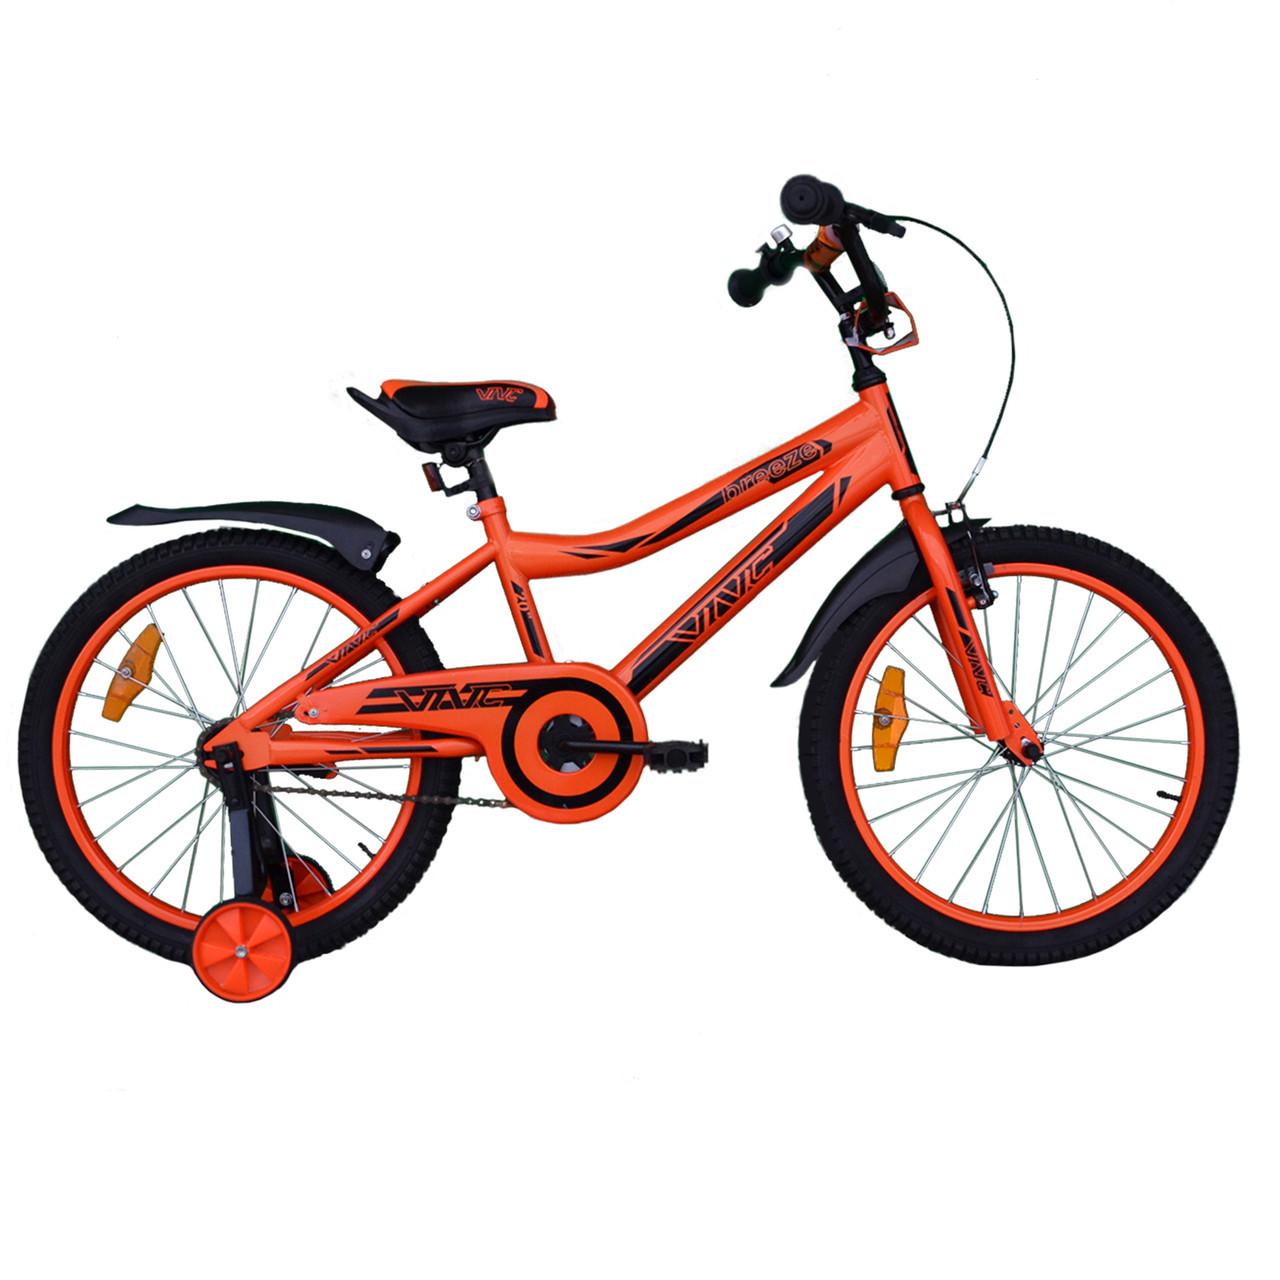 """Велосипед VNC 20"""" Breeze, 2017-GS, Оранжевый / Черный 10"""""""